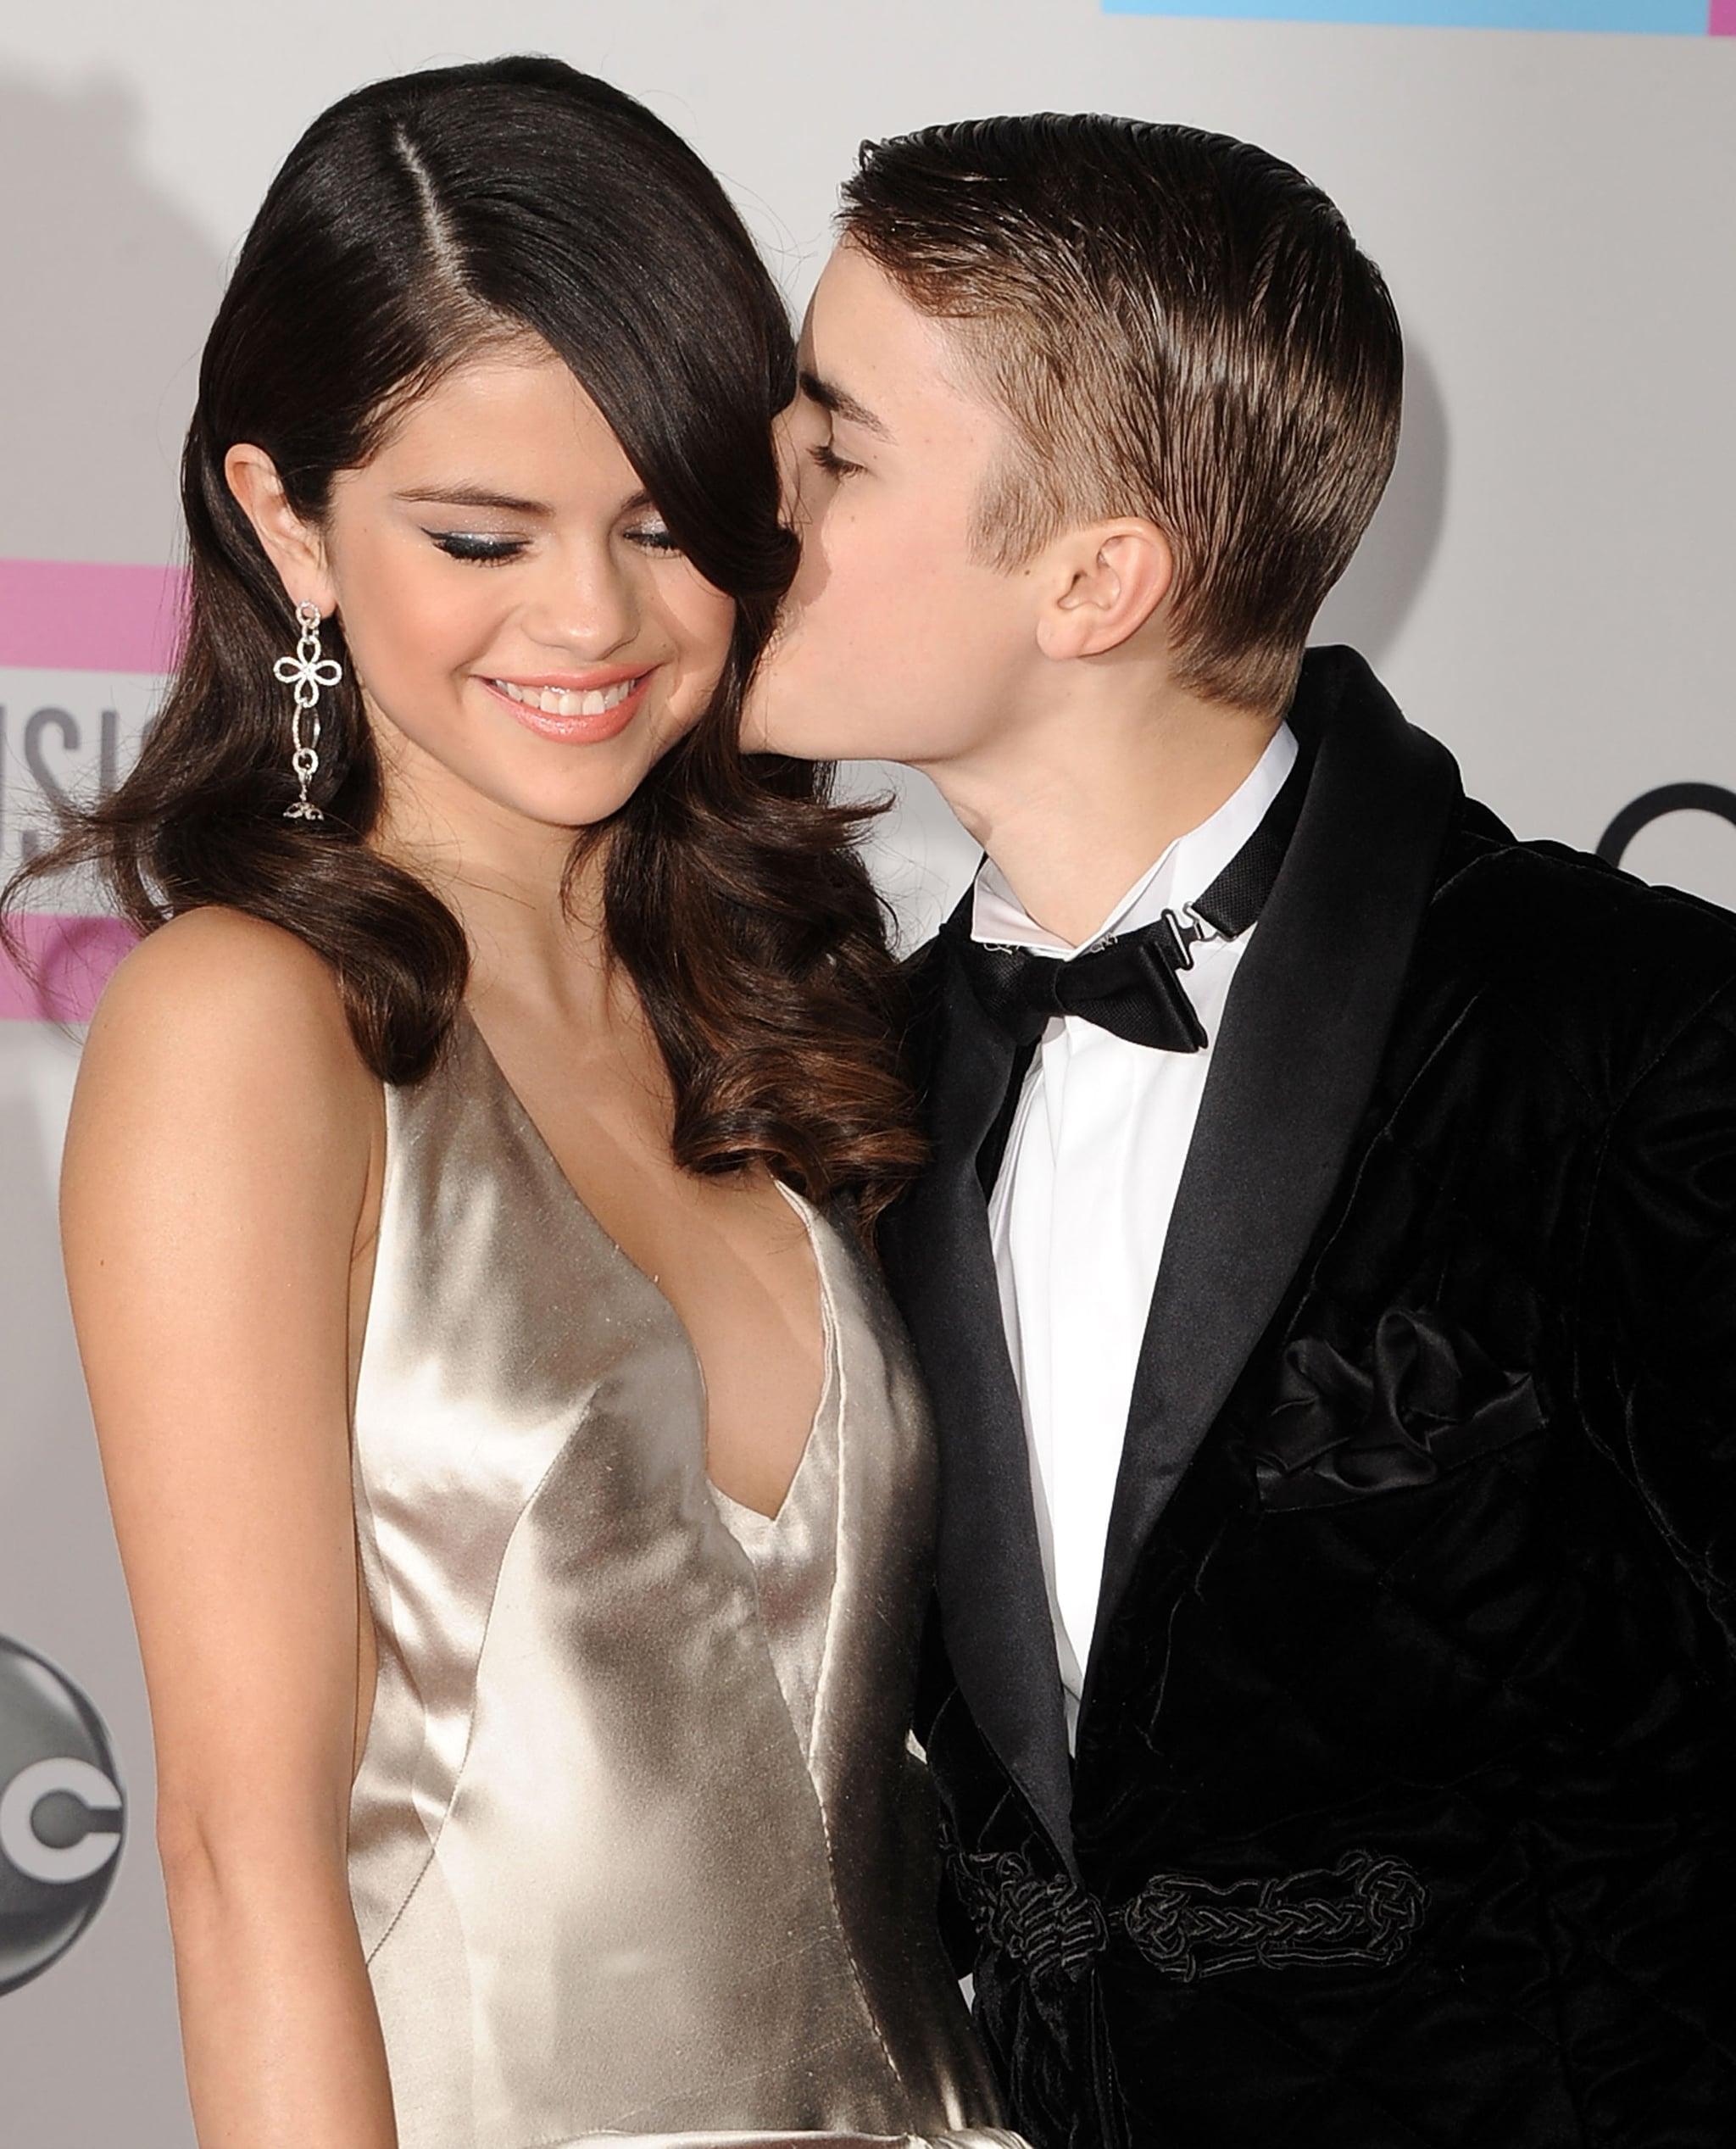 Che è Justin Bieber dating in questo momento 2011